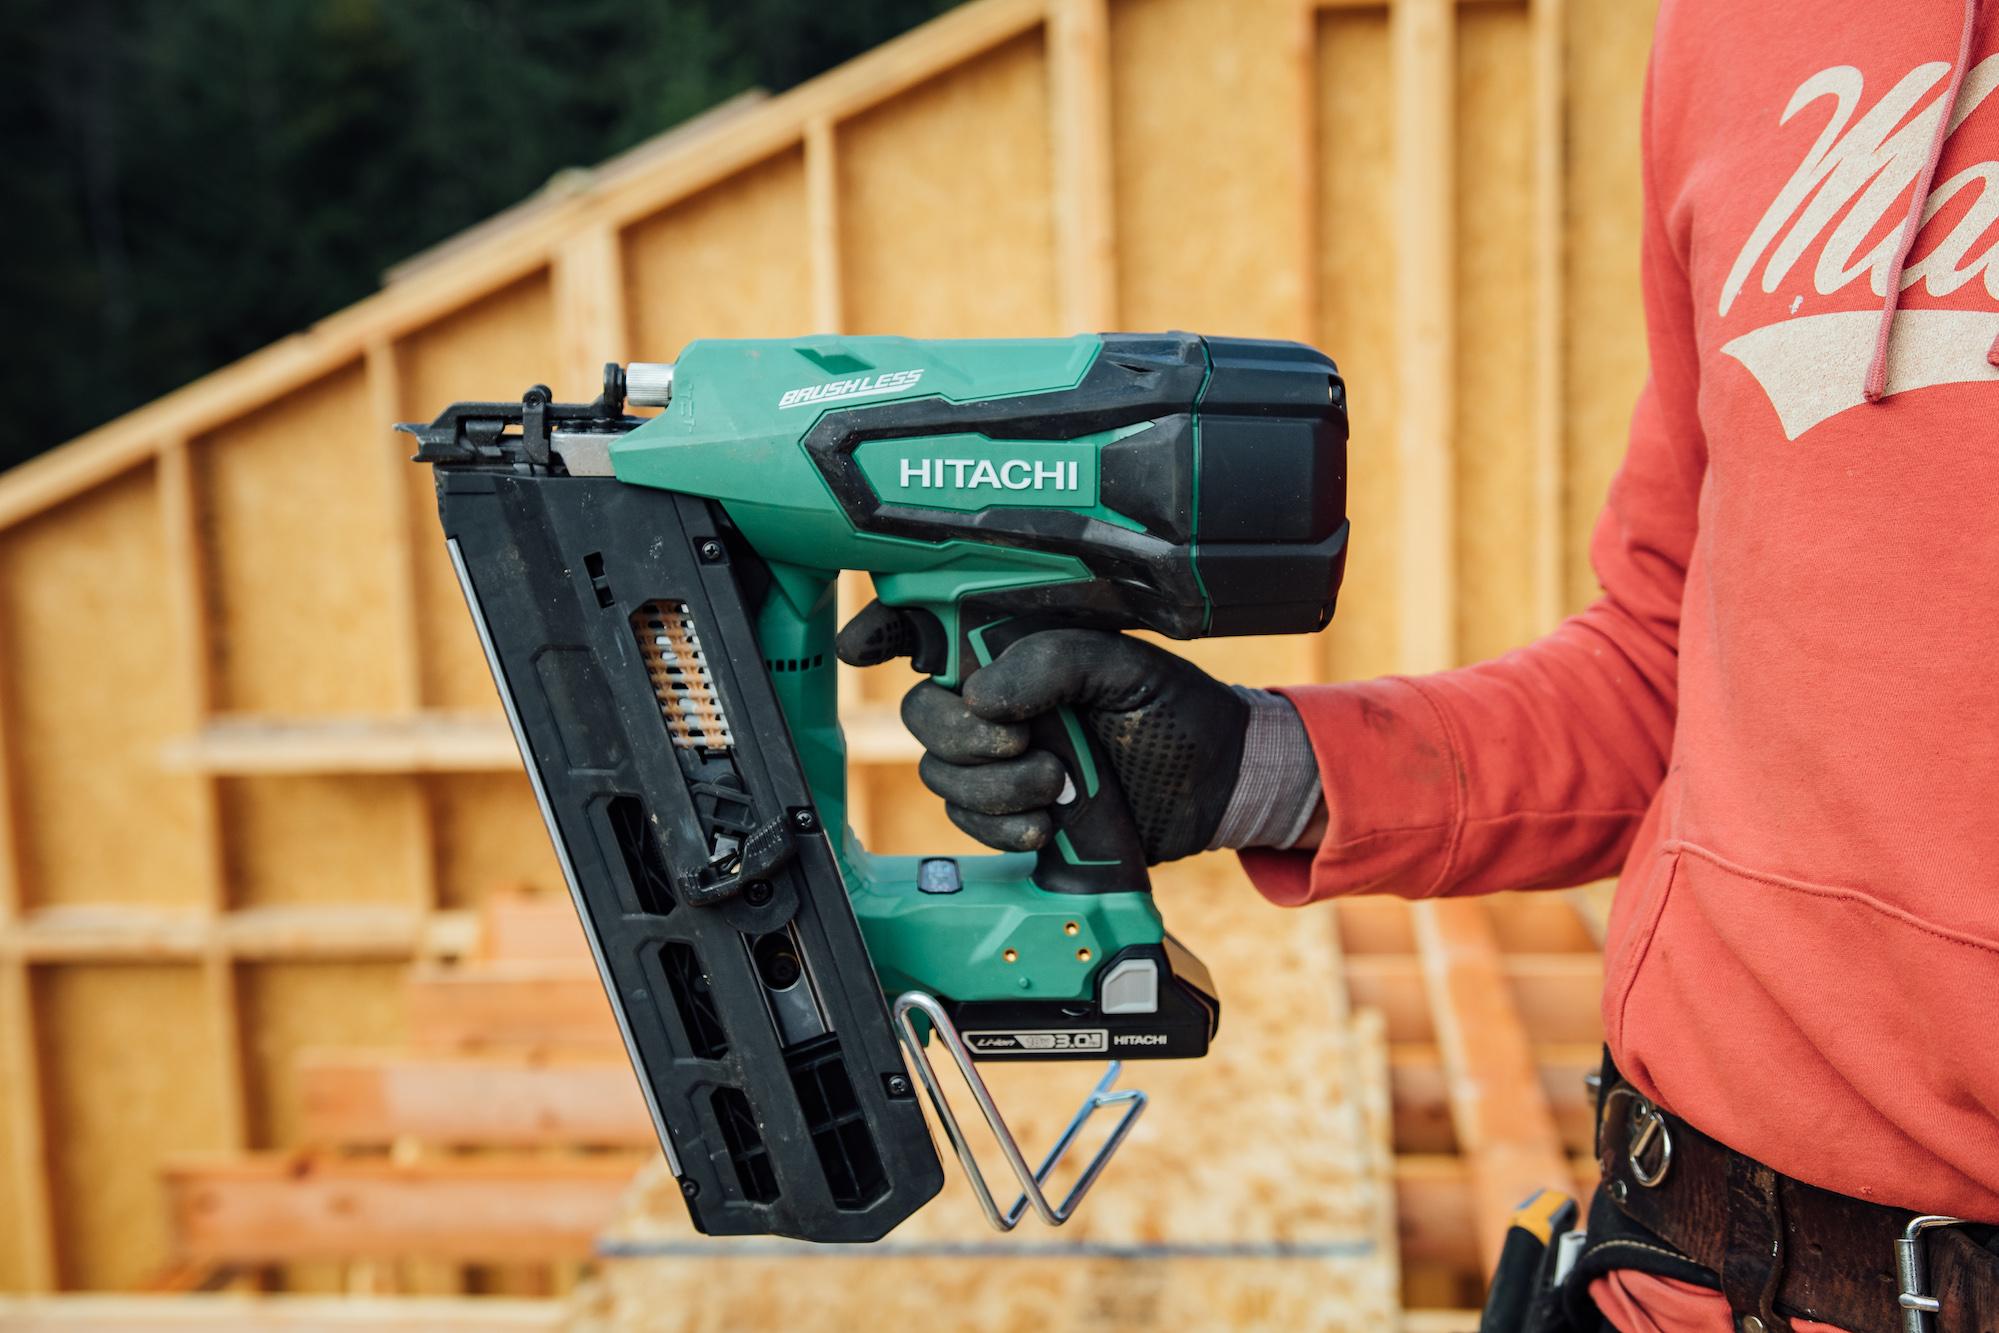 Hitachi Cordless Framing Nailer | Tools of the Trade | Nail Guns ...